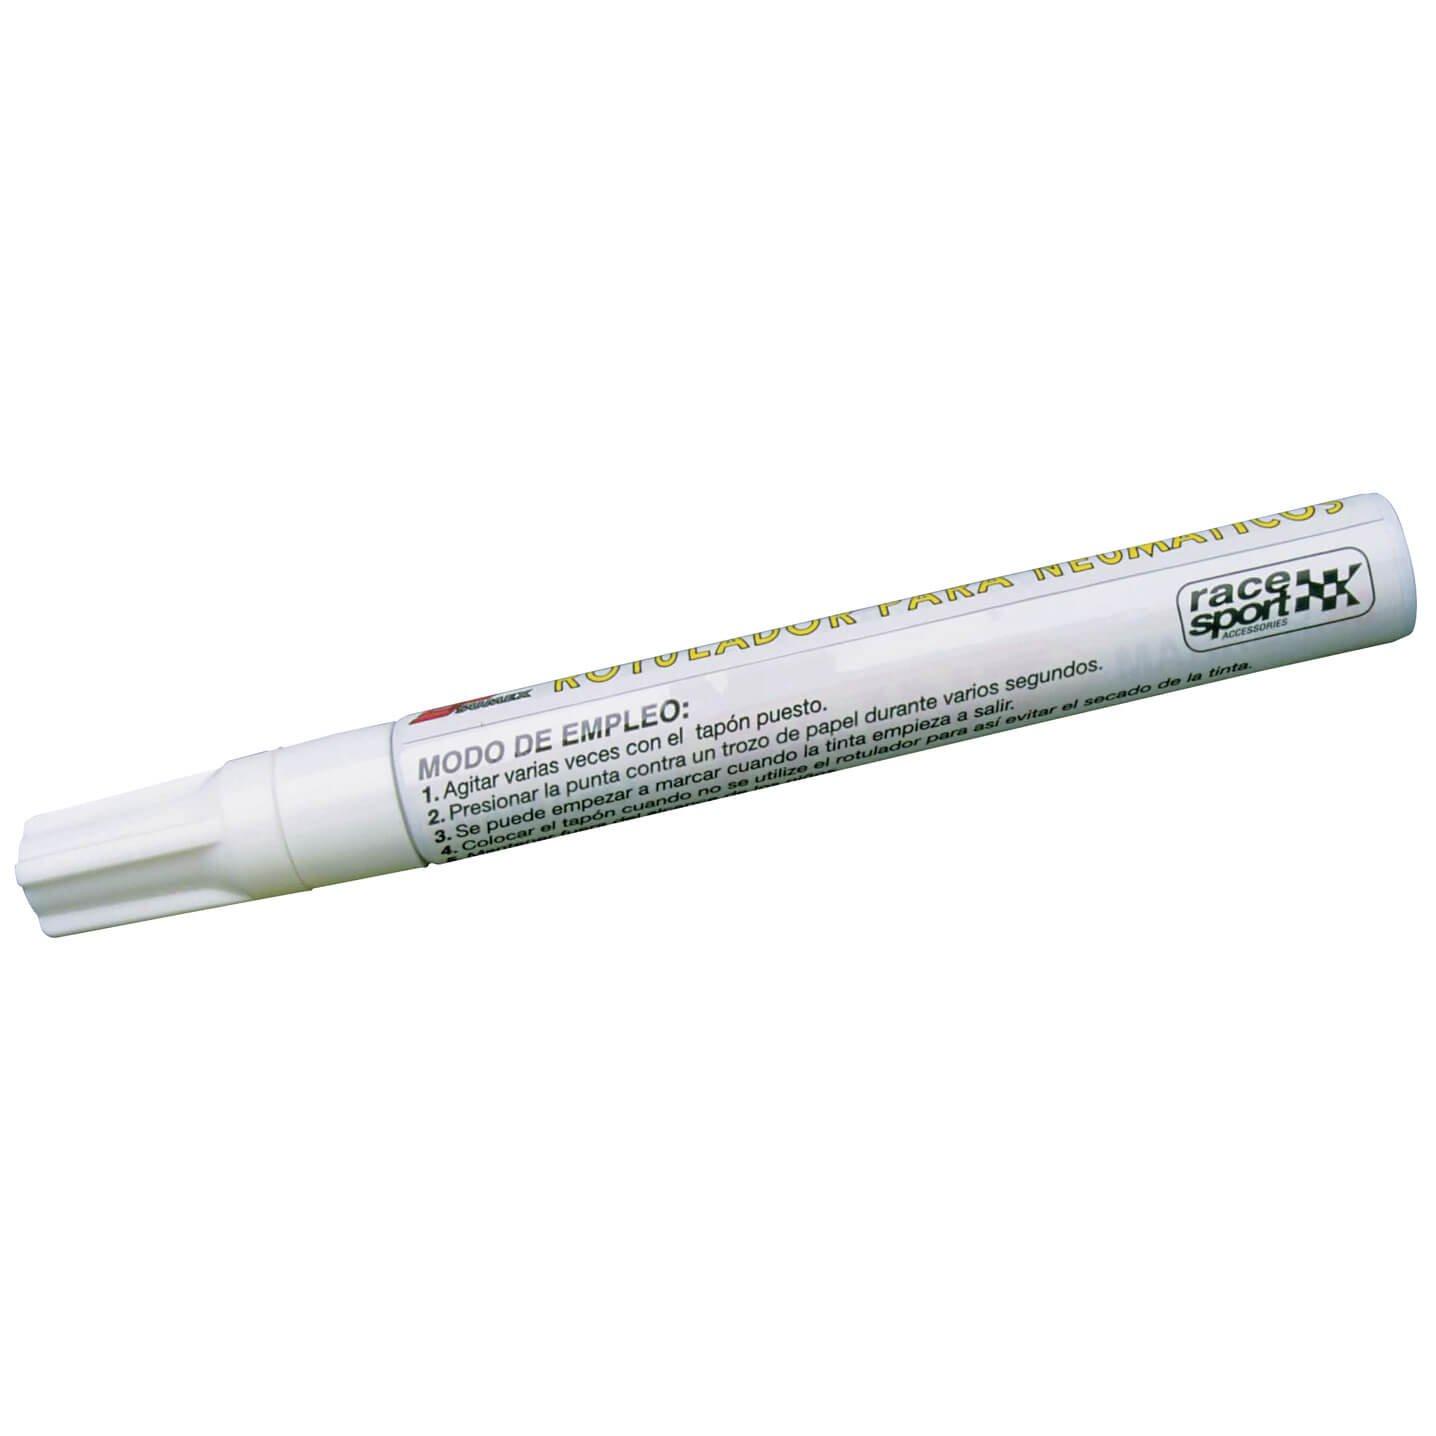 SUMEX 4002080 - Rotulador para Neumáticos, Color Blanco: Amazon.es: Coche y moto